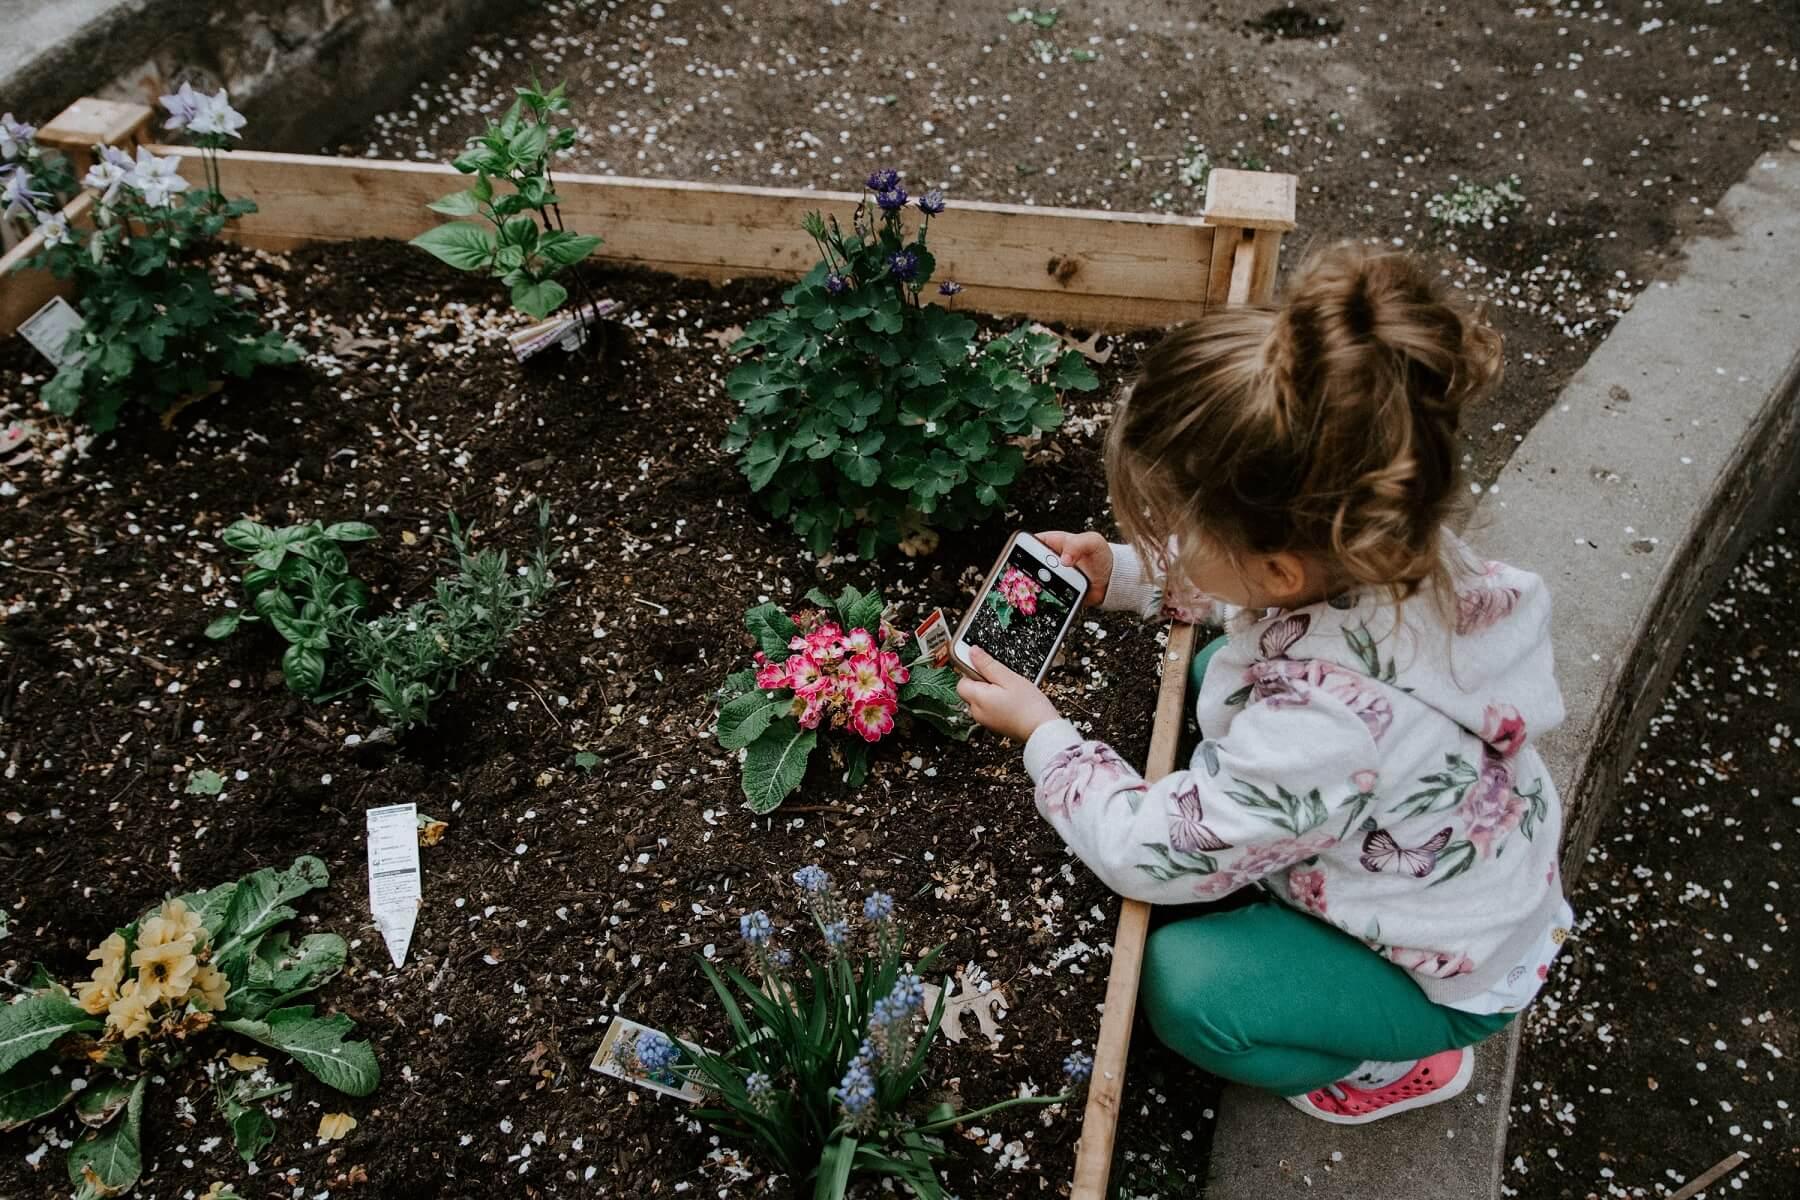 庭で遊ぶ少女